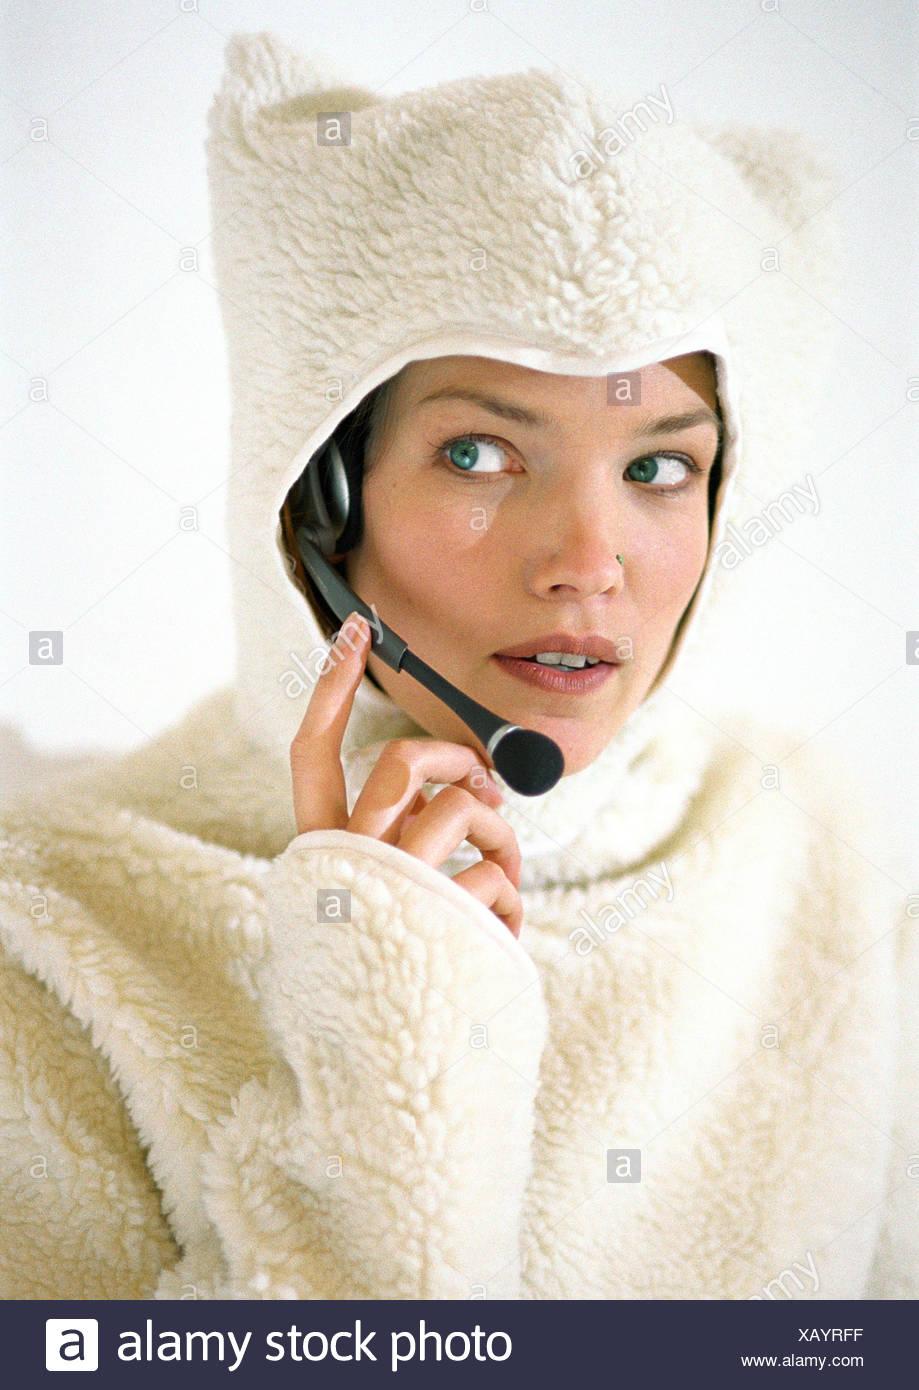 Donna che indossa lanosa felpa con cappuccio, utilizzando la cuffia Immagini Stock